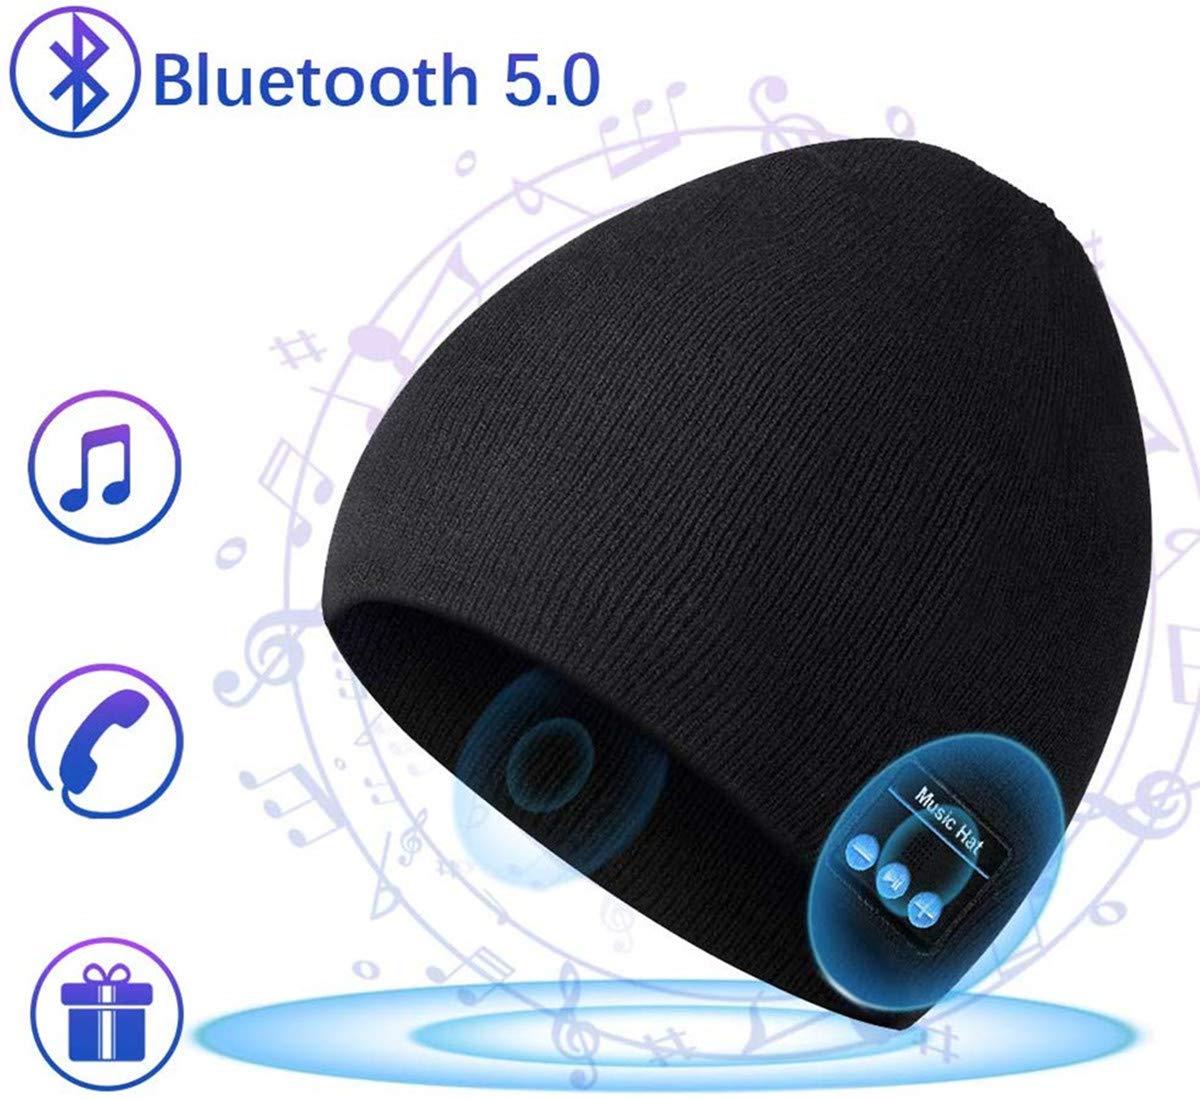 Cappello Bluetooth Idee Regalo Natale Uomo Berretto Uomo Donna Invernali, Berretto Bluetooth 5.0 Musica Cappello… 1 spesavip